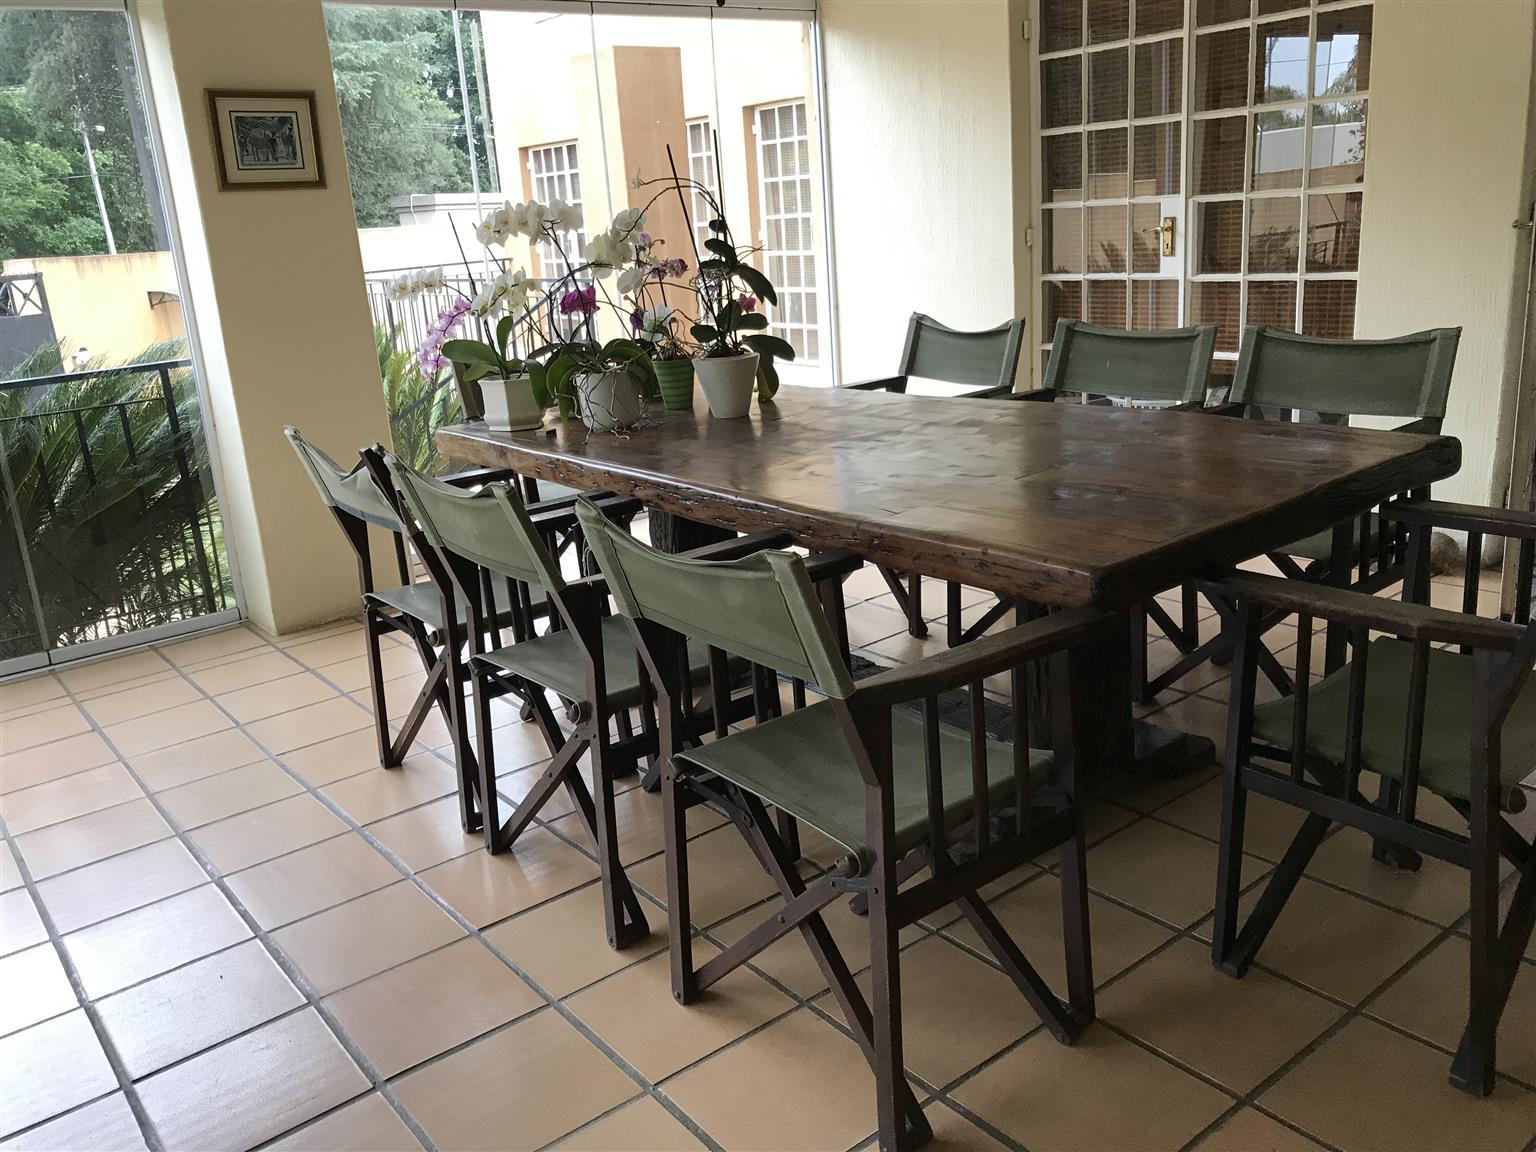 Solid 2,5 m sleeperwood dining room table plus 8 teak chairs